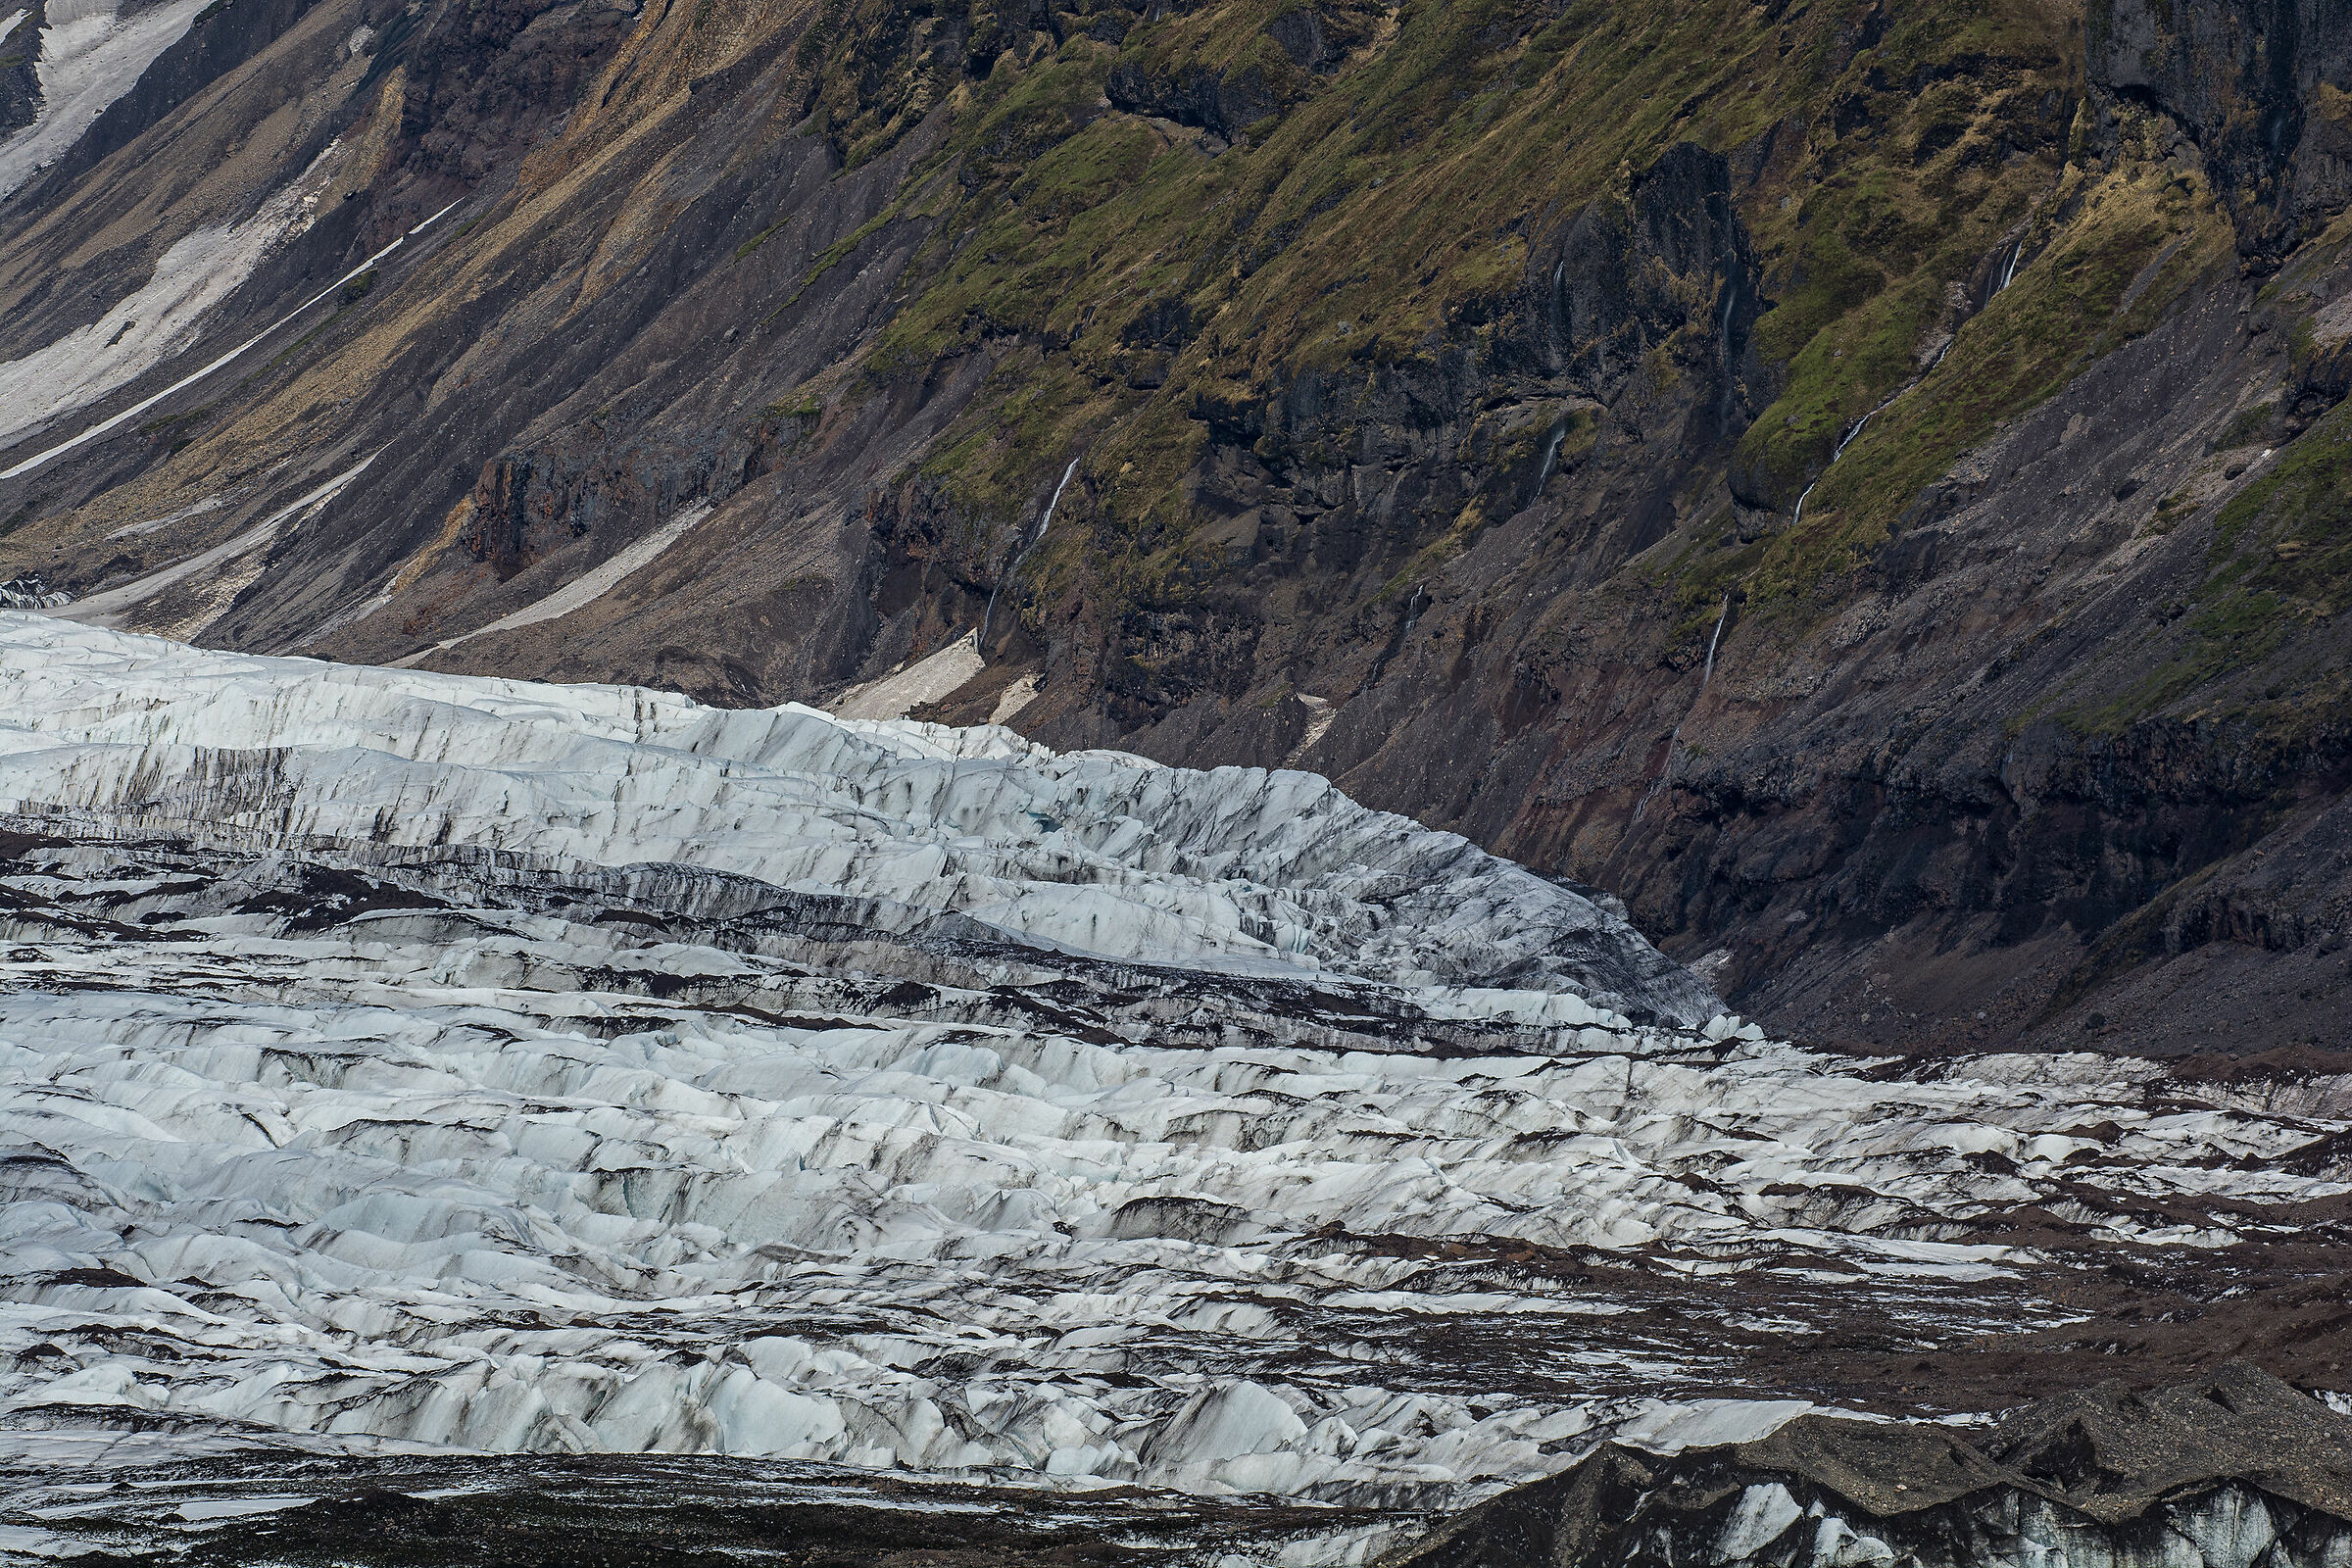 The edge of the glacier...